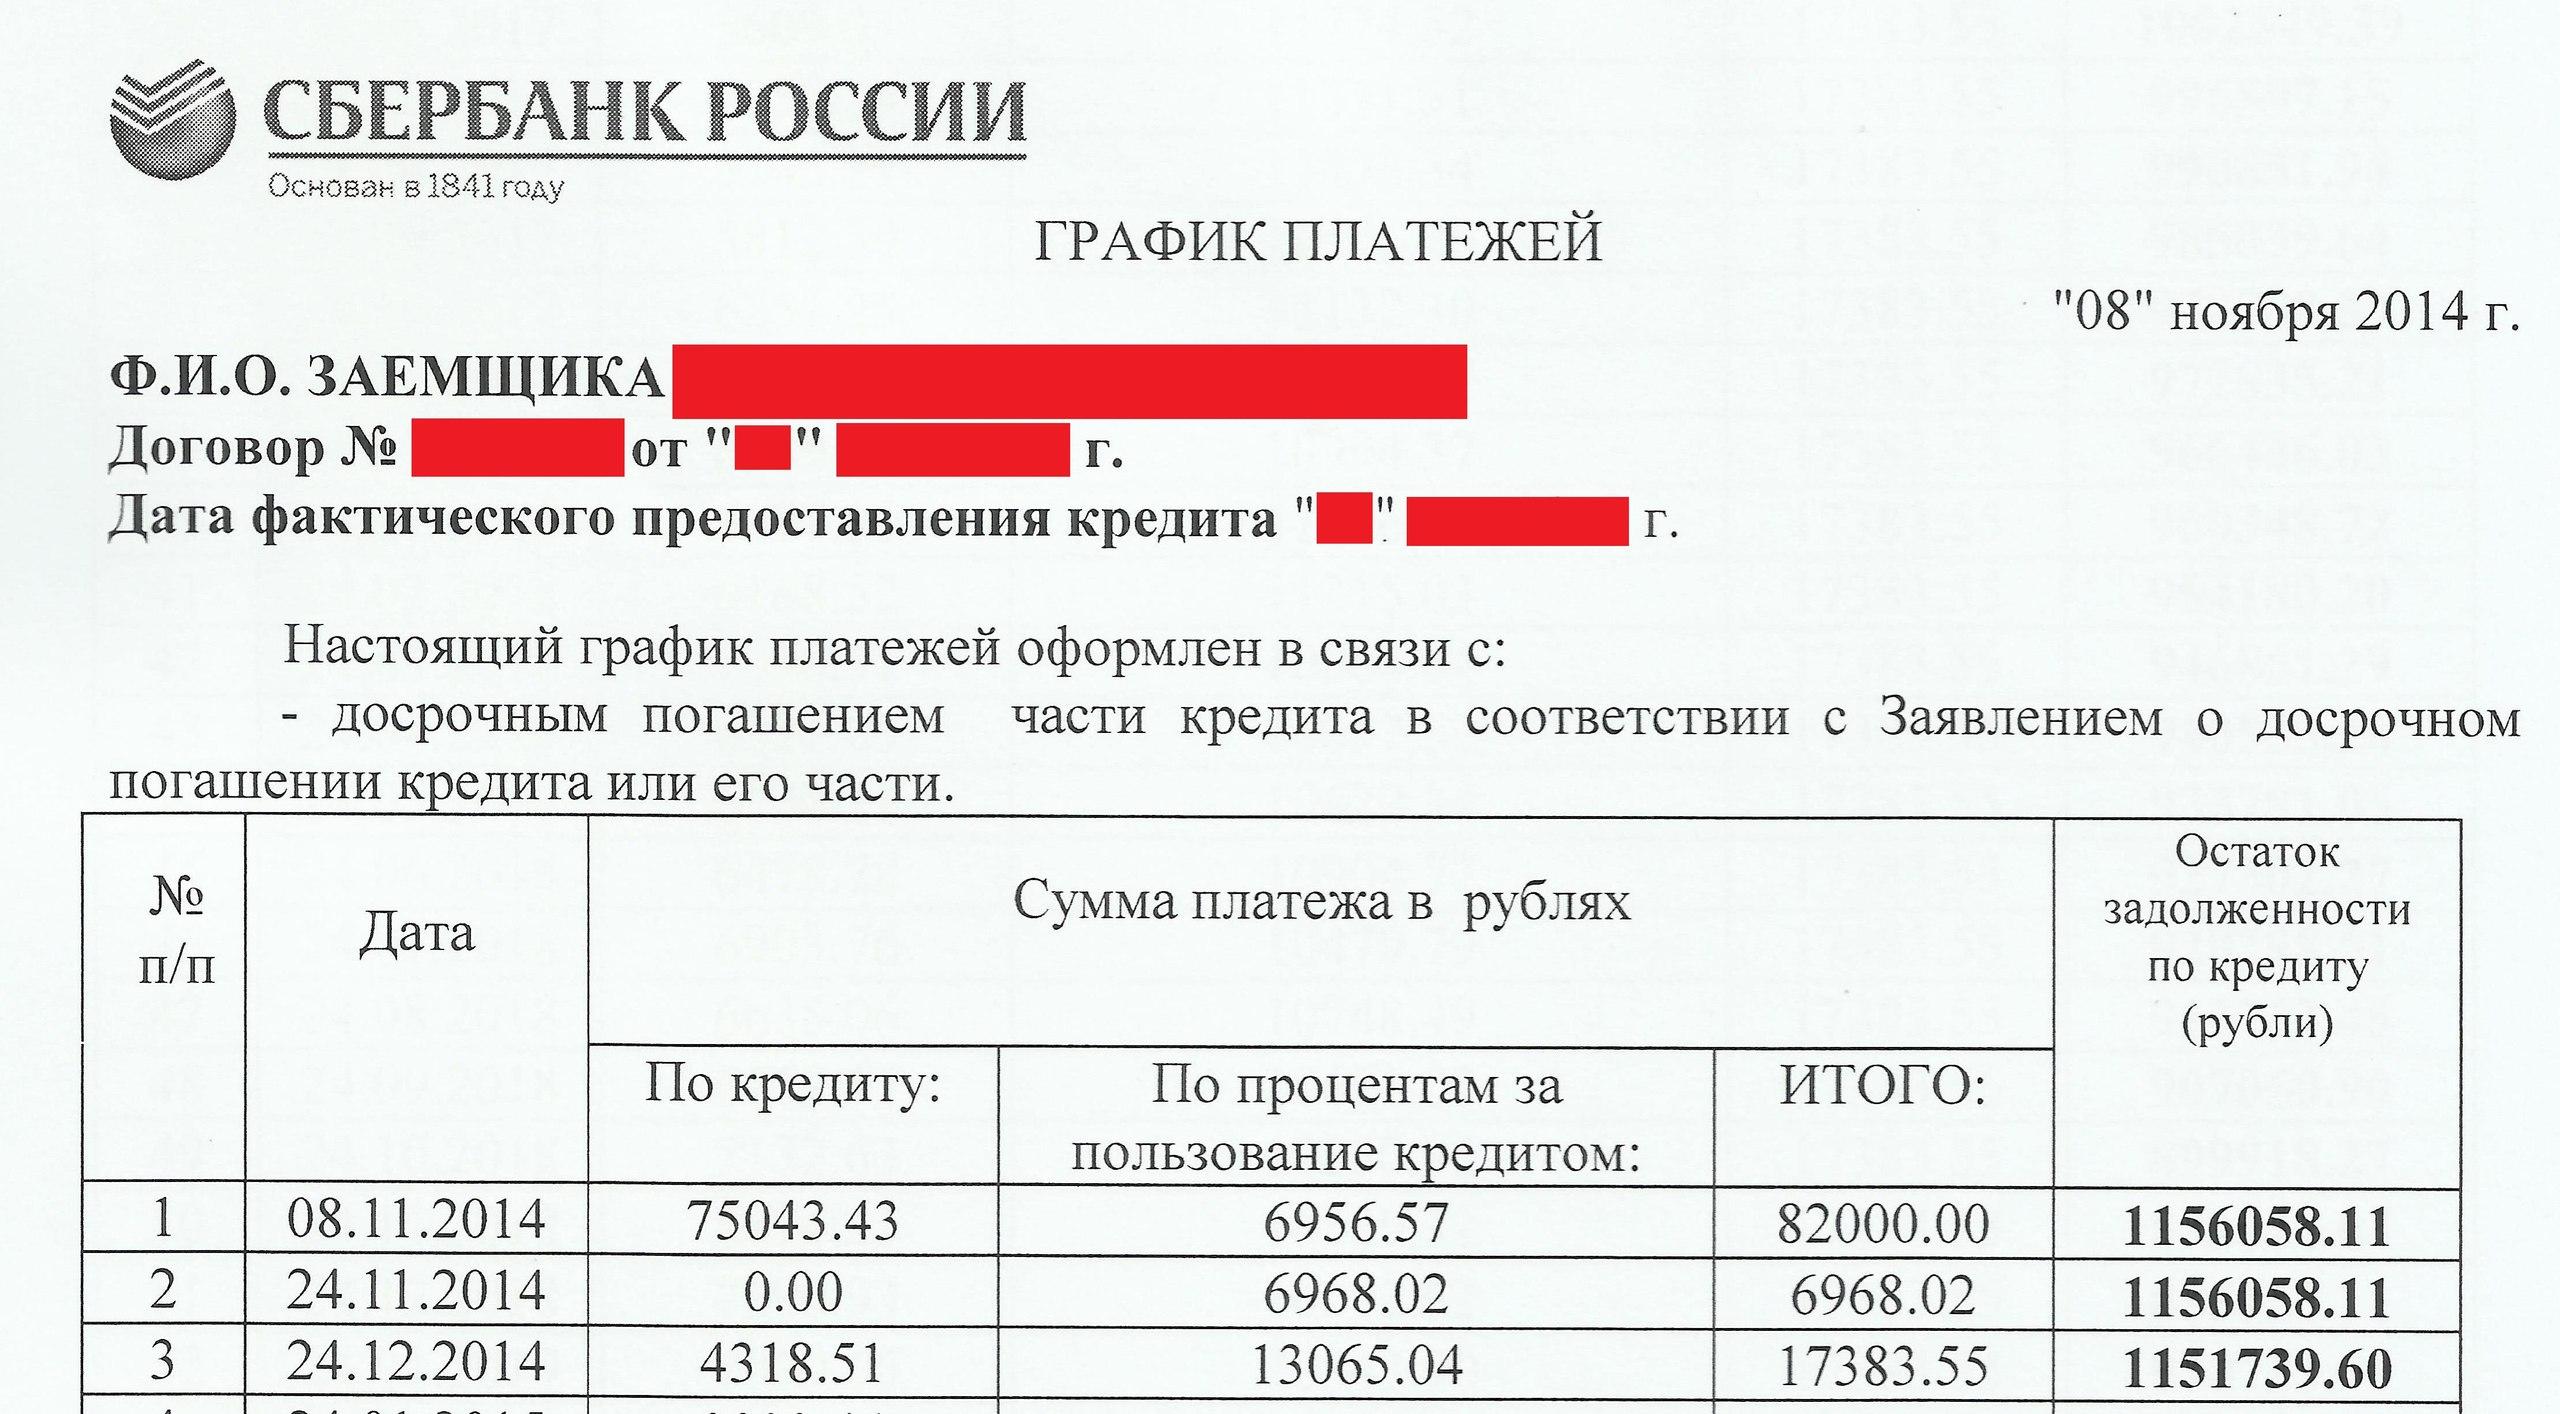 Кредит наличными без справок о доходах и поручителей